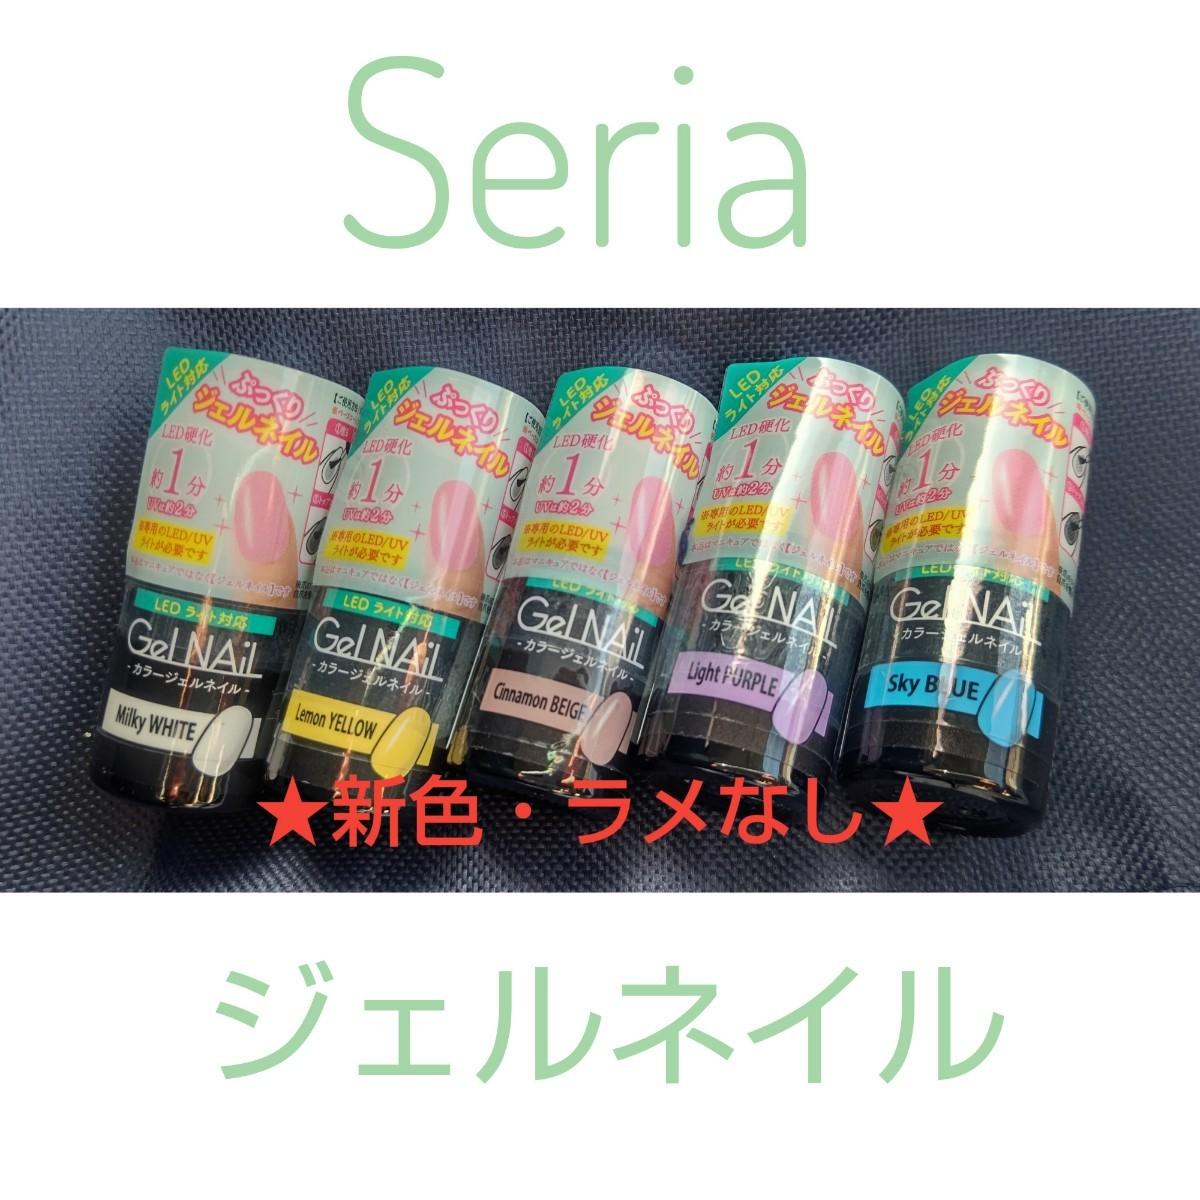 【新品、未使用】Seria セリア ジェルネイル ラメなし 新色 5色